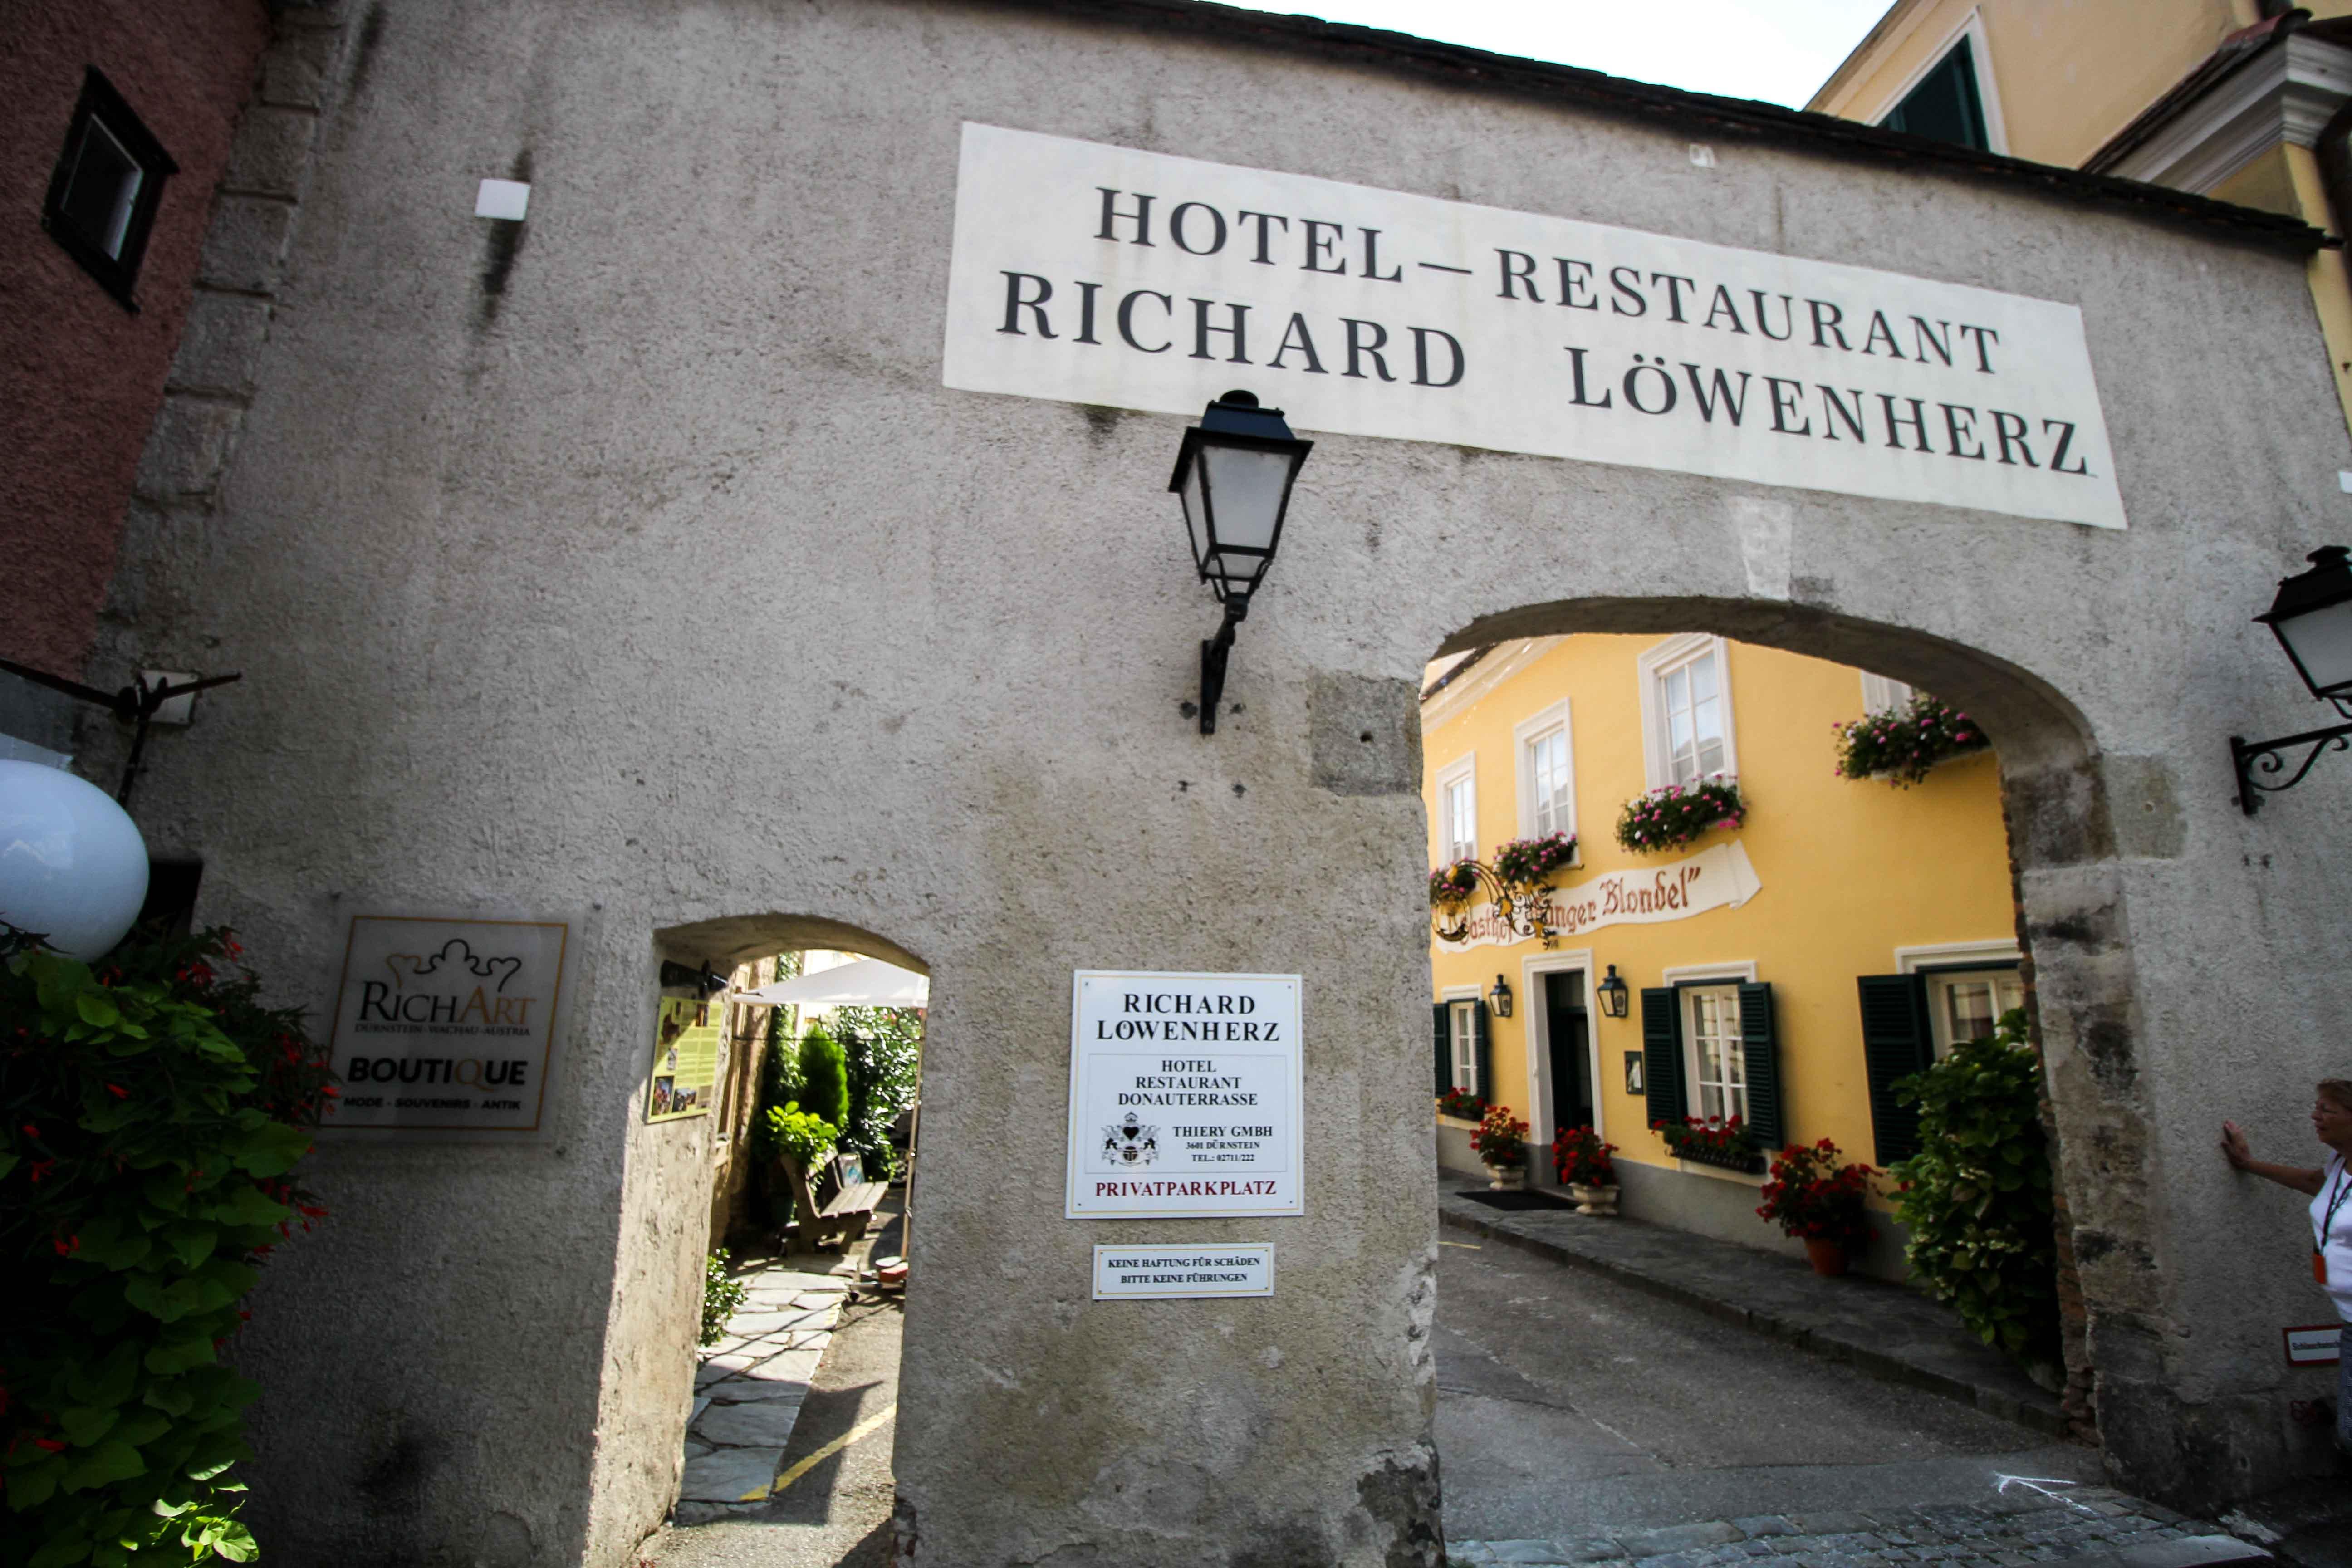 Wachau Österreich Dürnstein Weinregion Insider Tipps Sehenswürdigkeiten Hotel Richard Löwenherz Donaukreuzfahrt Arosa